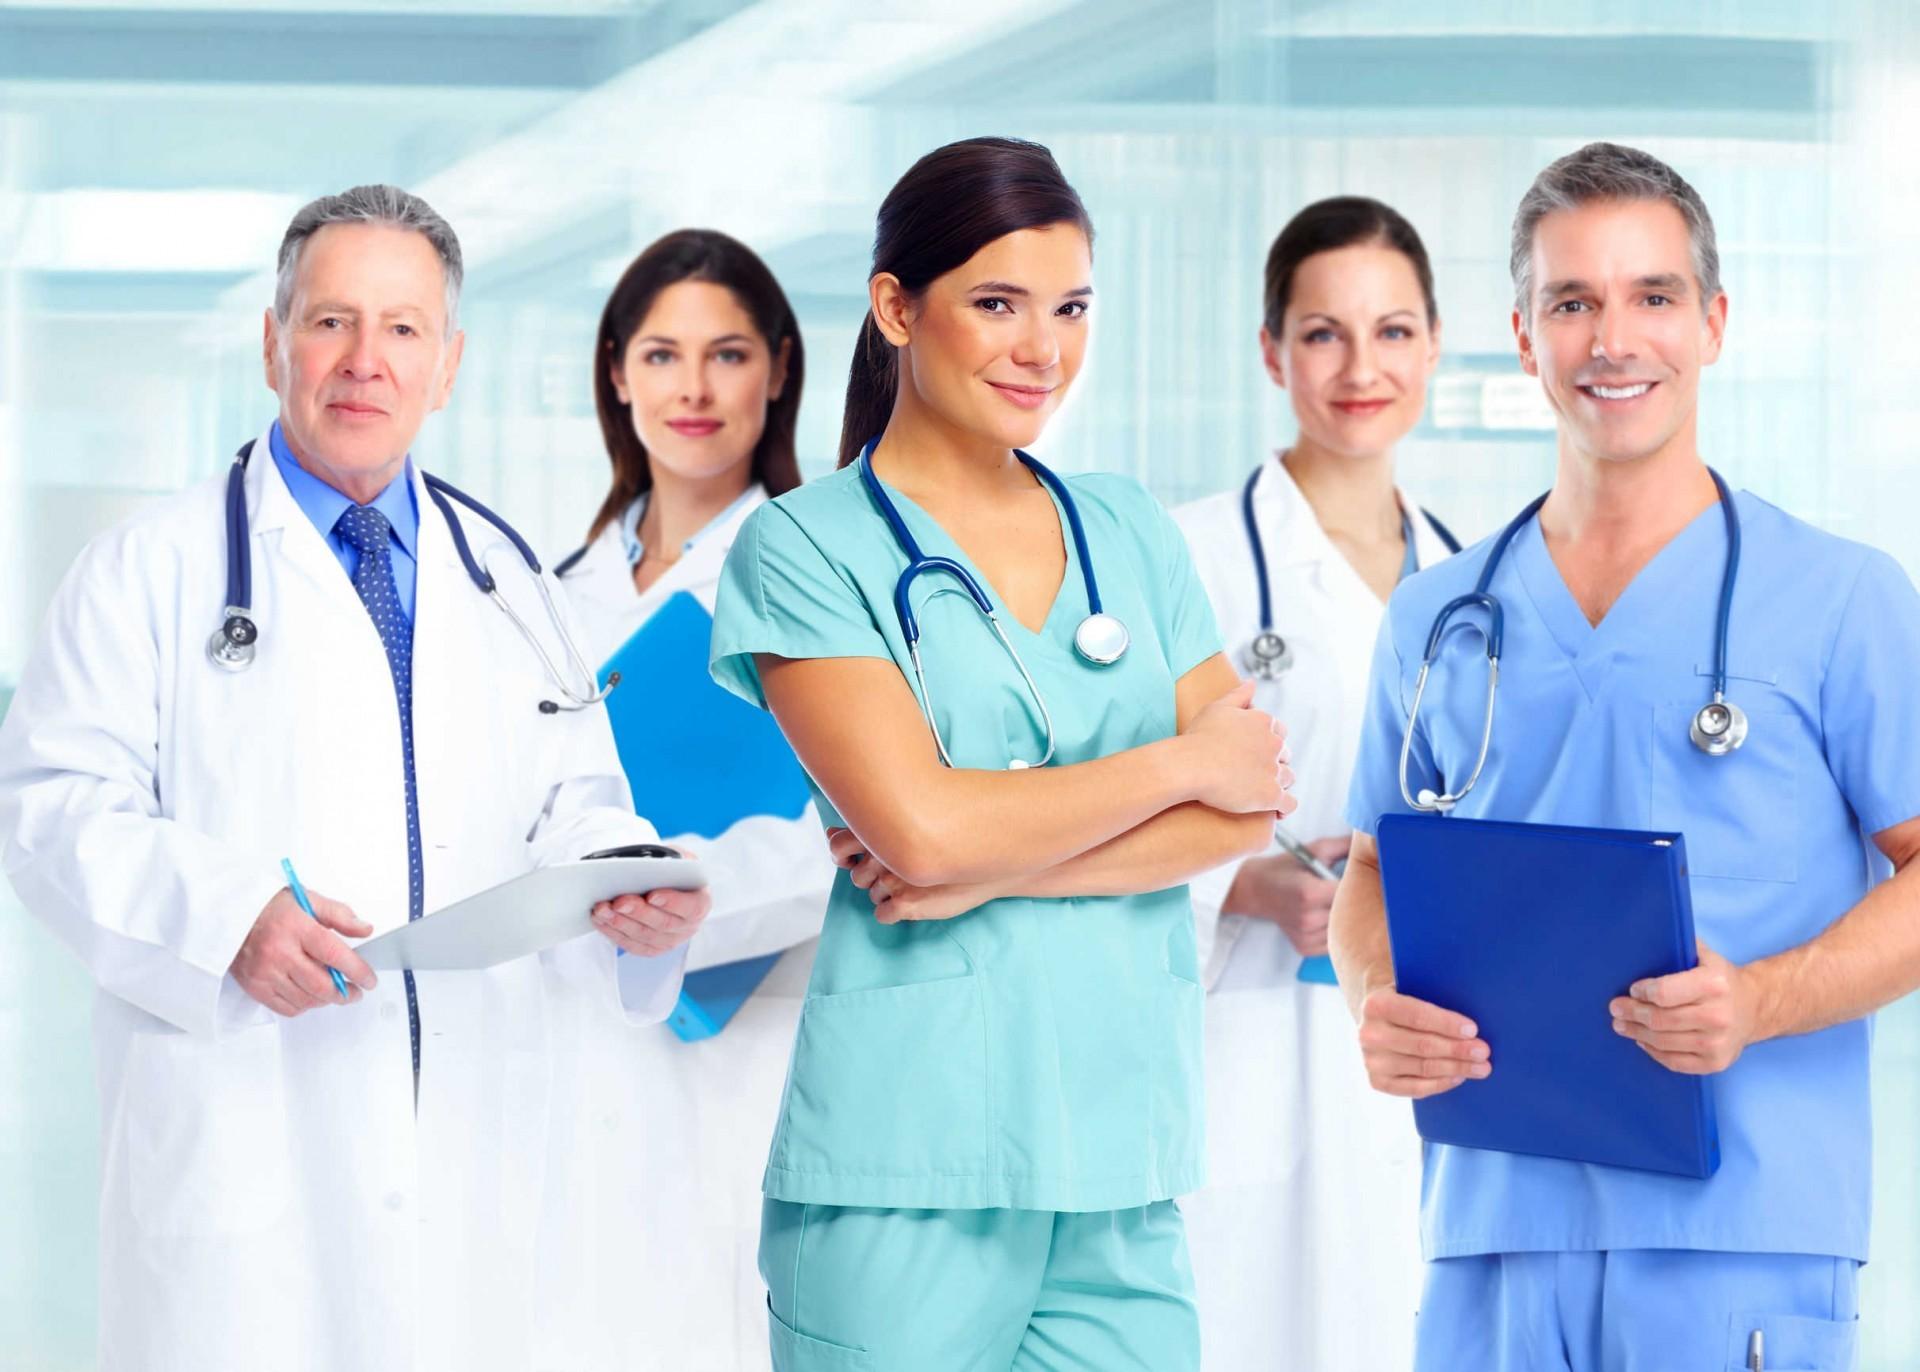 למה כדאי לעשות ביטוח בריאות בהראל?